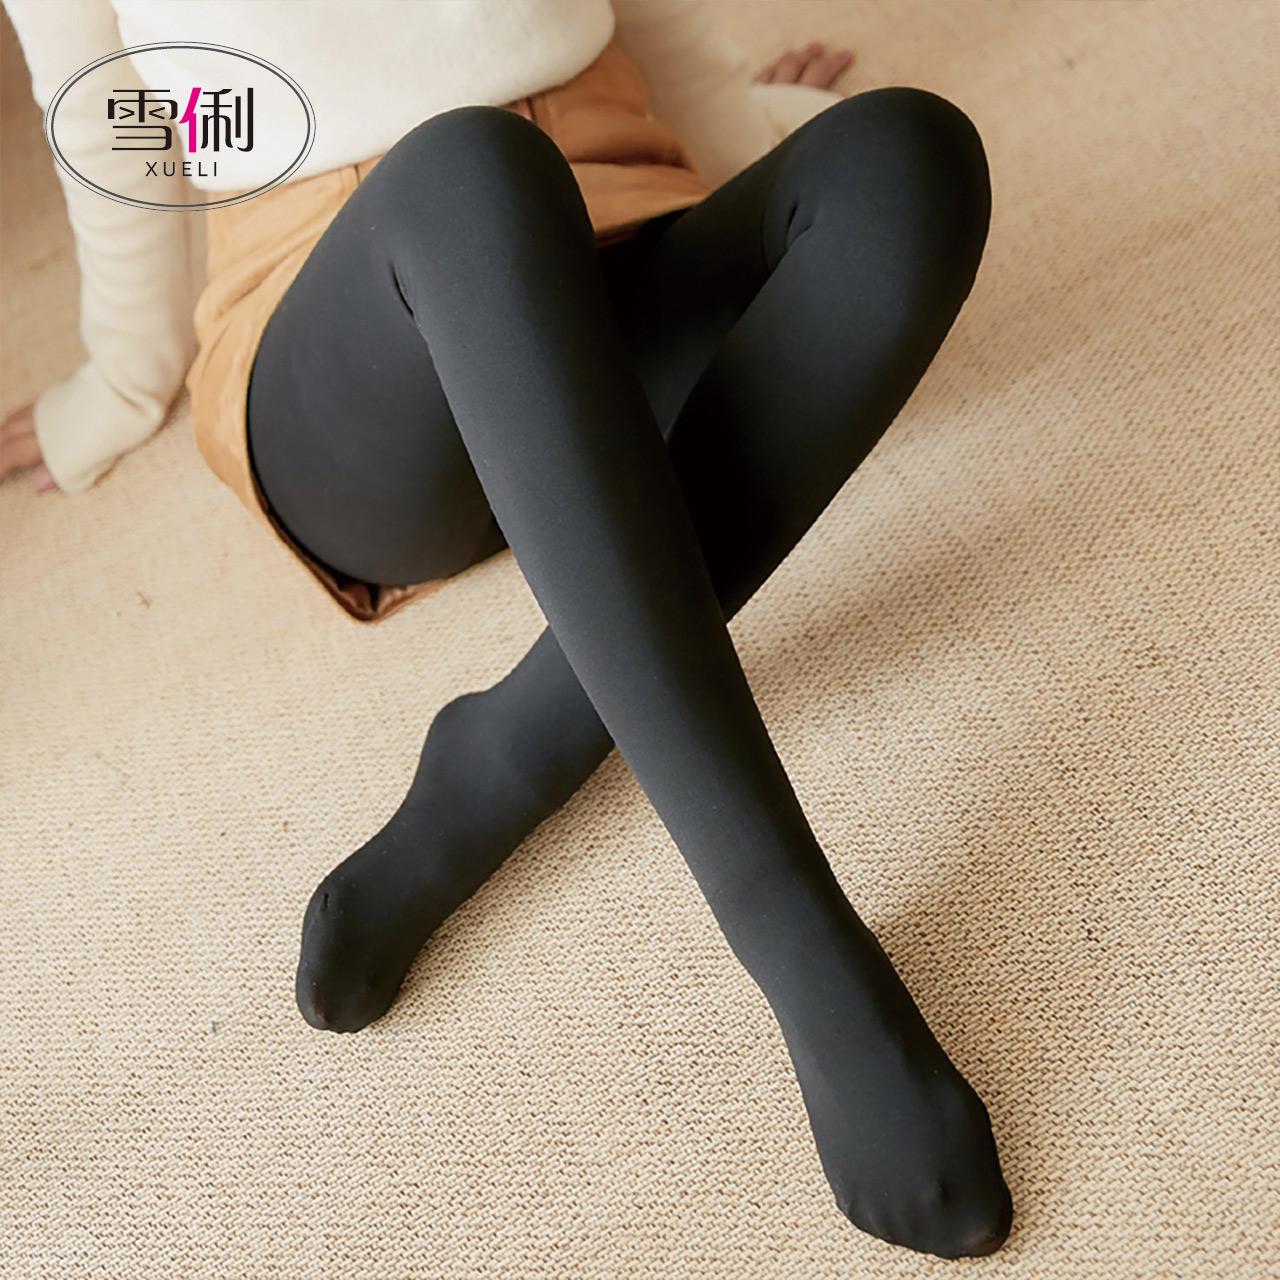 秋冬季光腿打底裤女裸感薄款外穿神器肉色肤色秋裤加绒保暖厚连袜